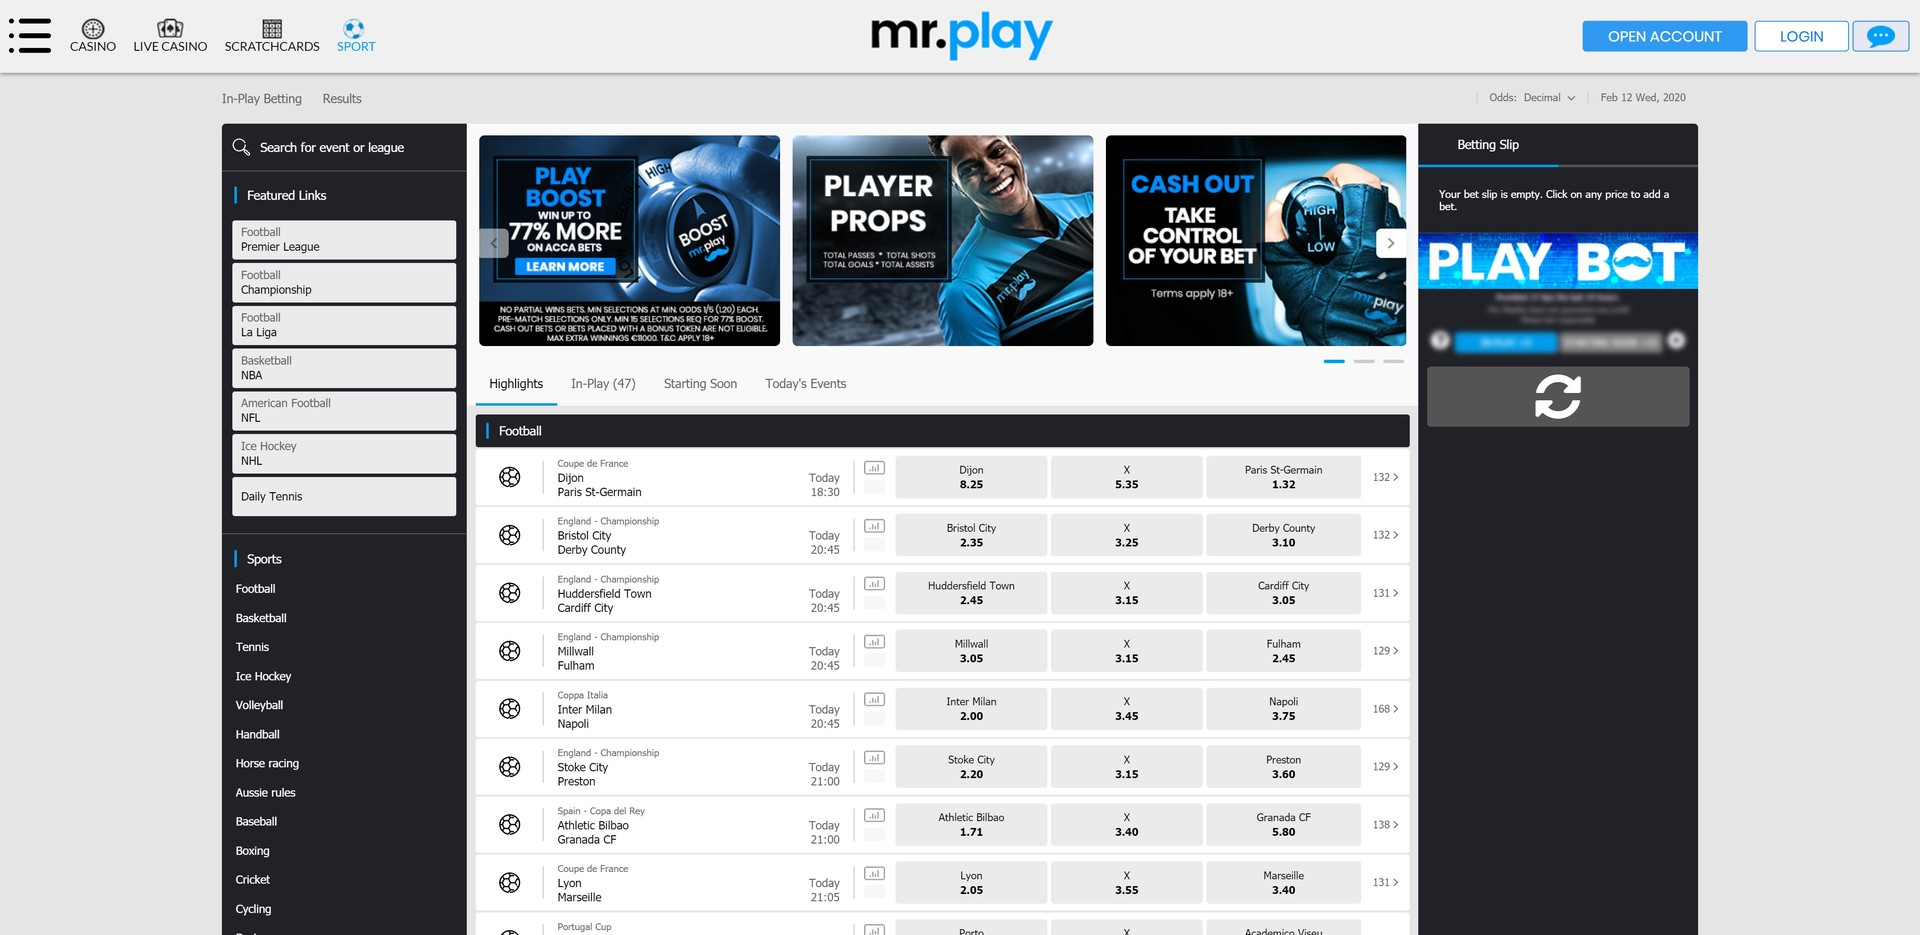 Planet 7 casino $200 no deposit bonus codes